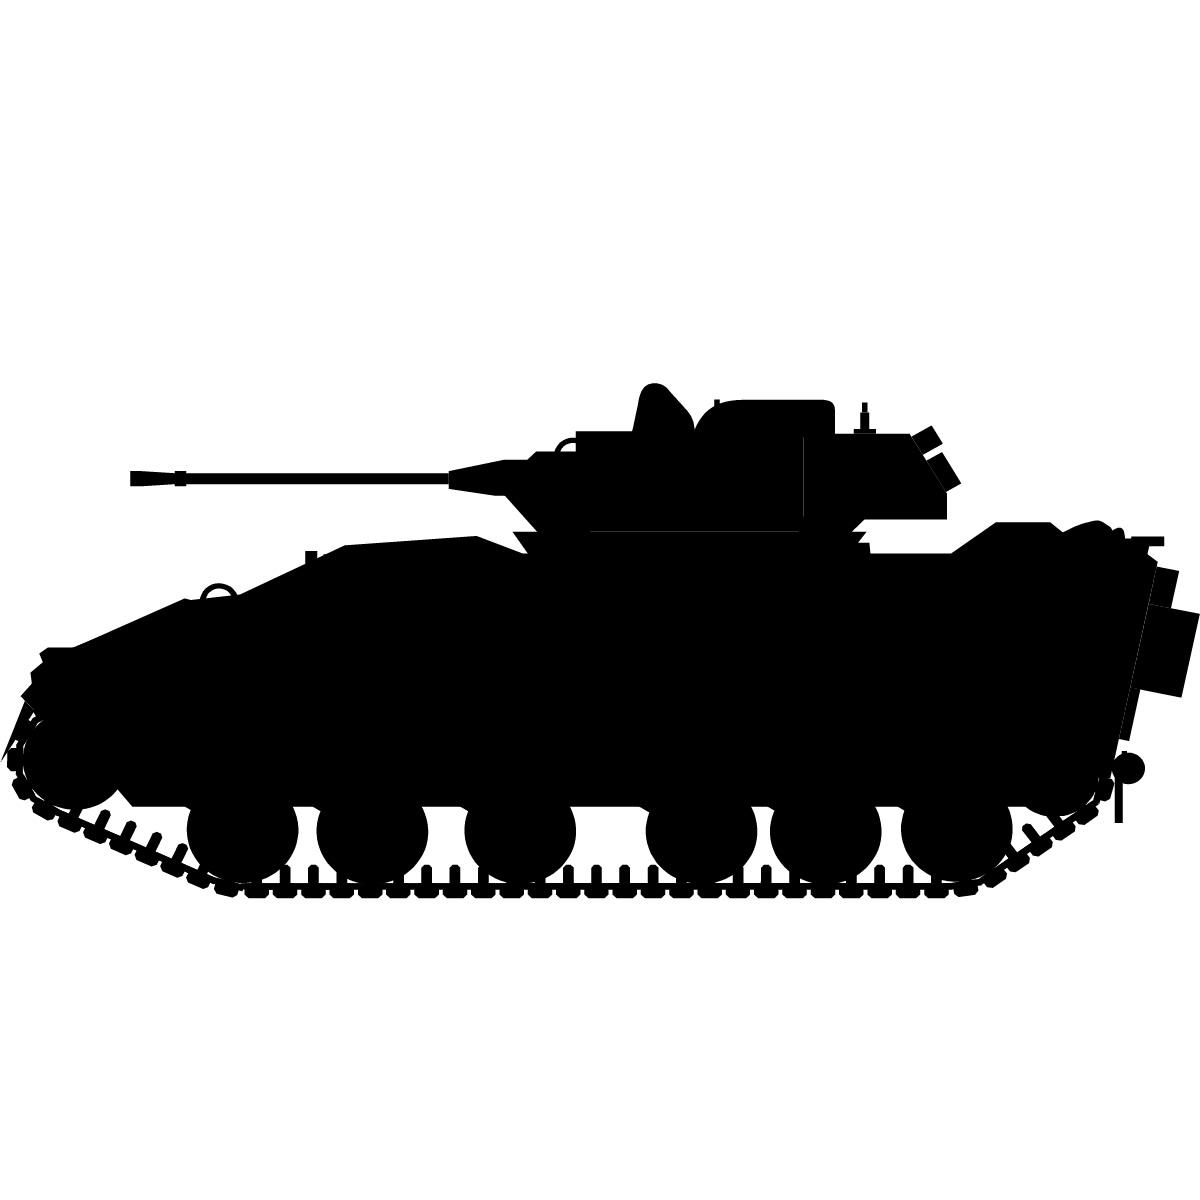 Tank silhouette clipart clip art transparent download For - Army Tank Silhouette | Clipart Panda - Free Clipart Images clip art transparent download